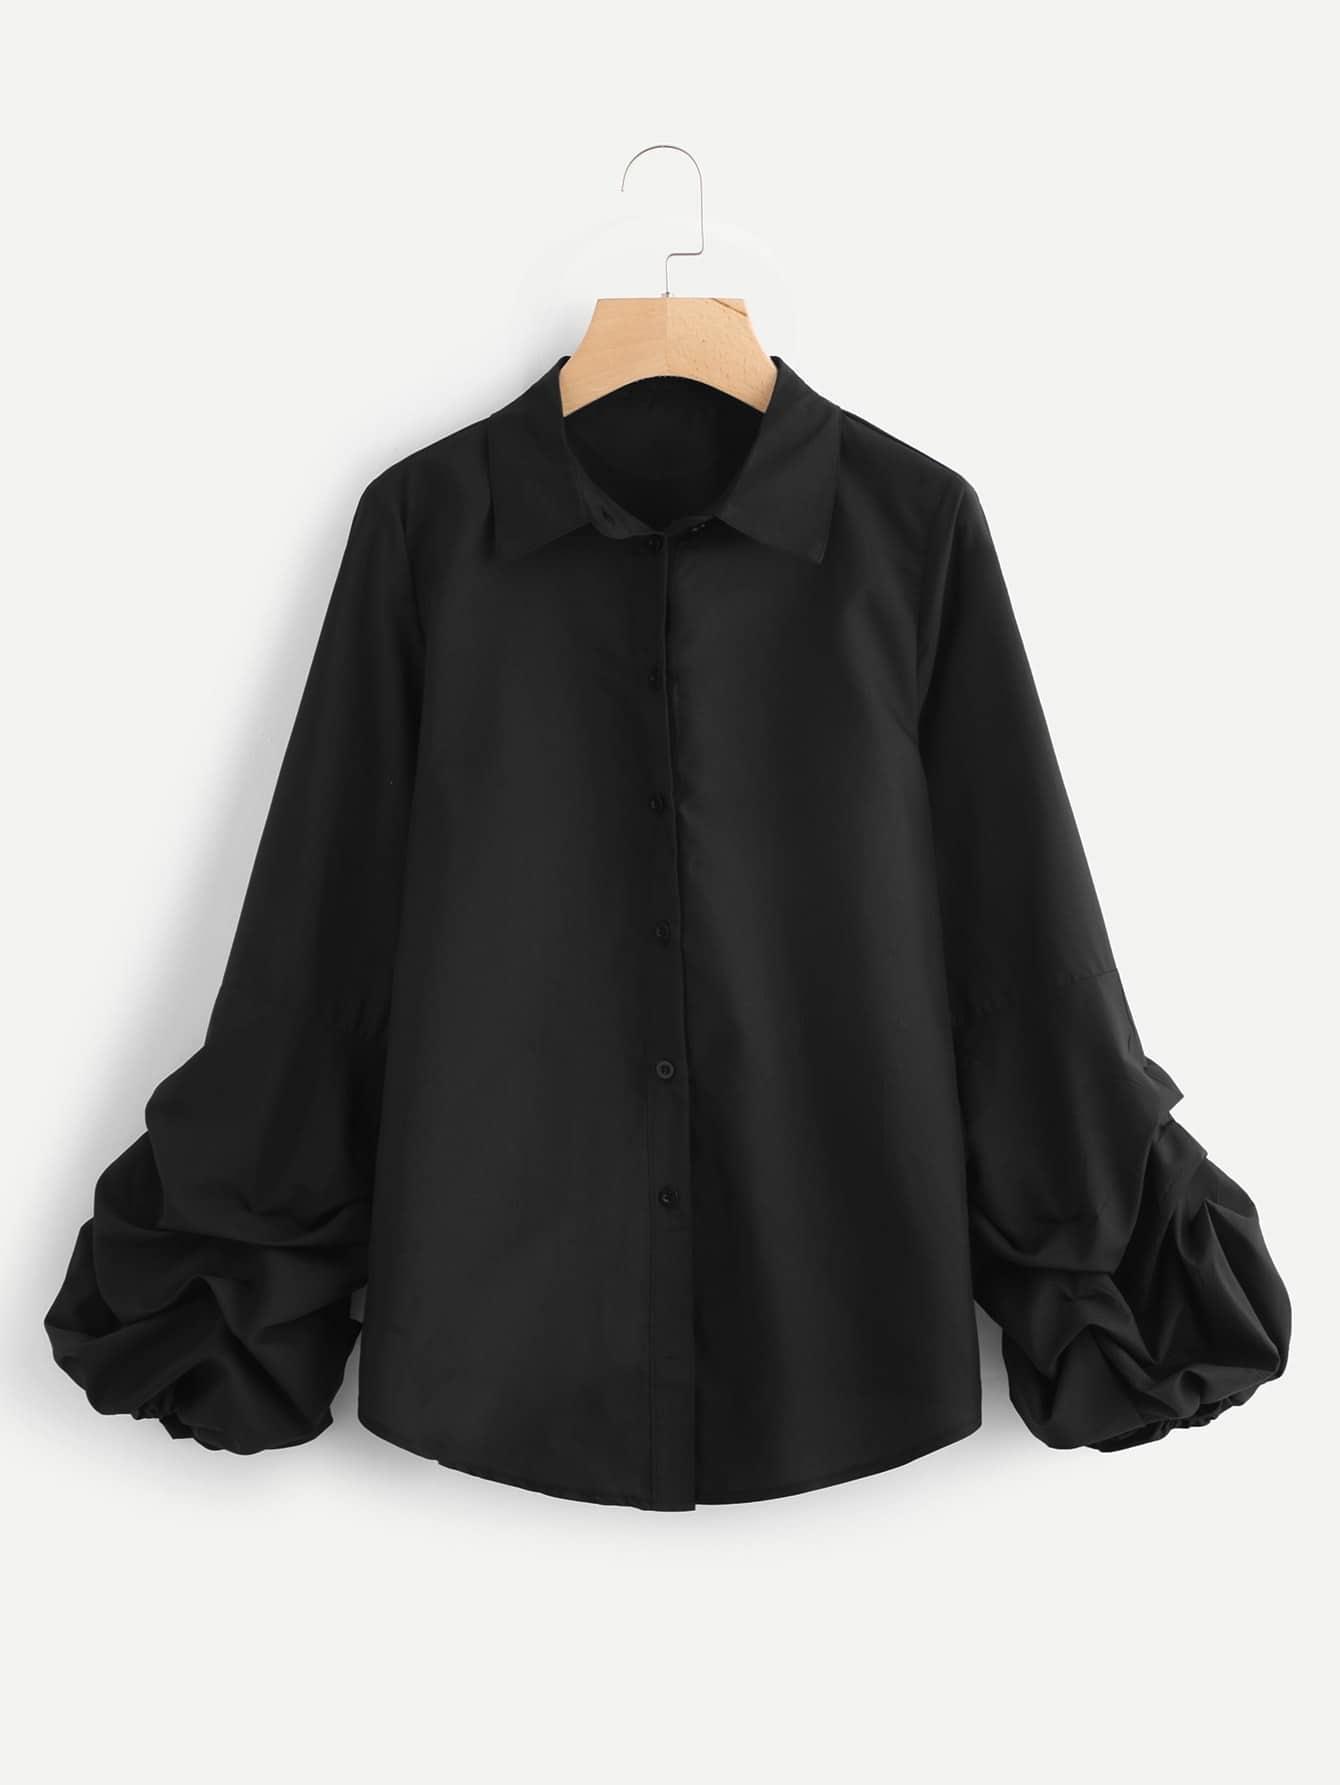 Gathered Lantern Sleeve Curved Hem Shirt gathered sleeve curved dip hem gingham dress